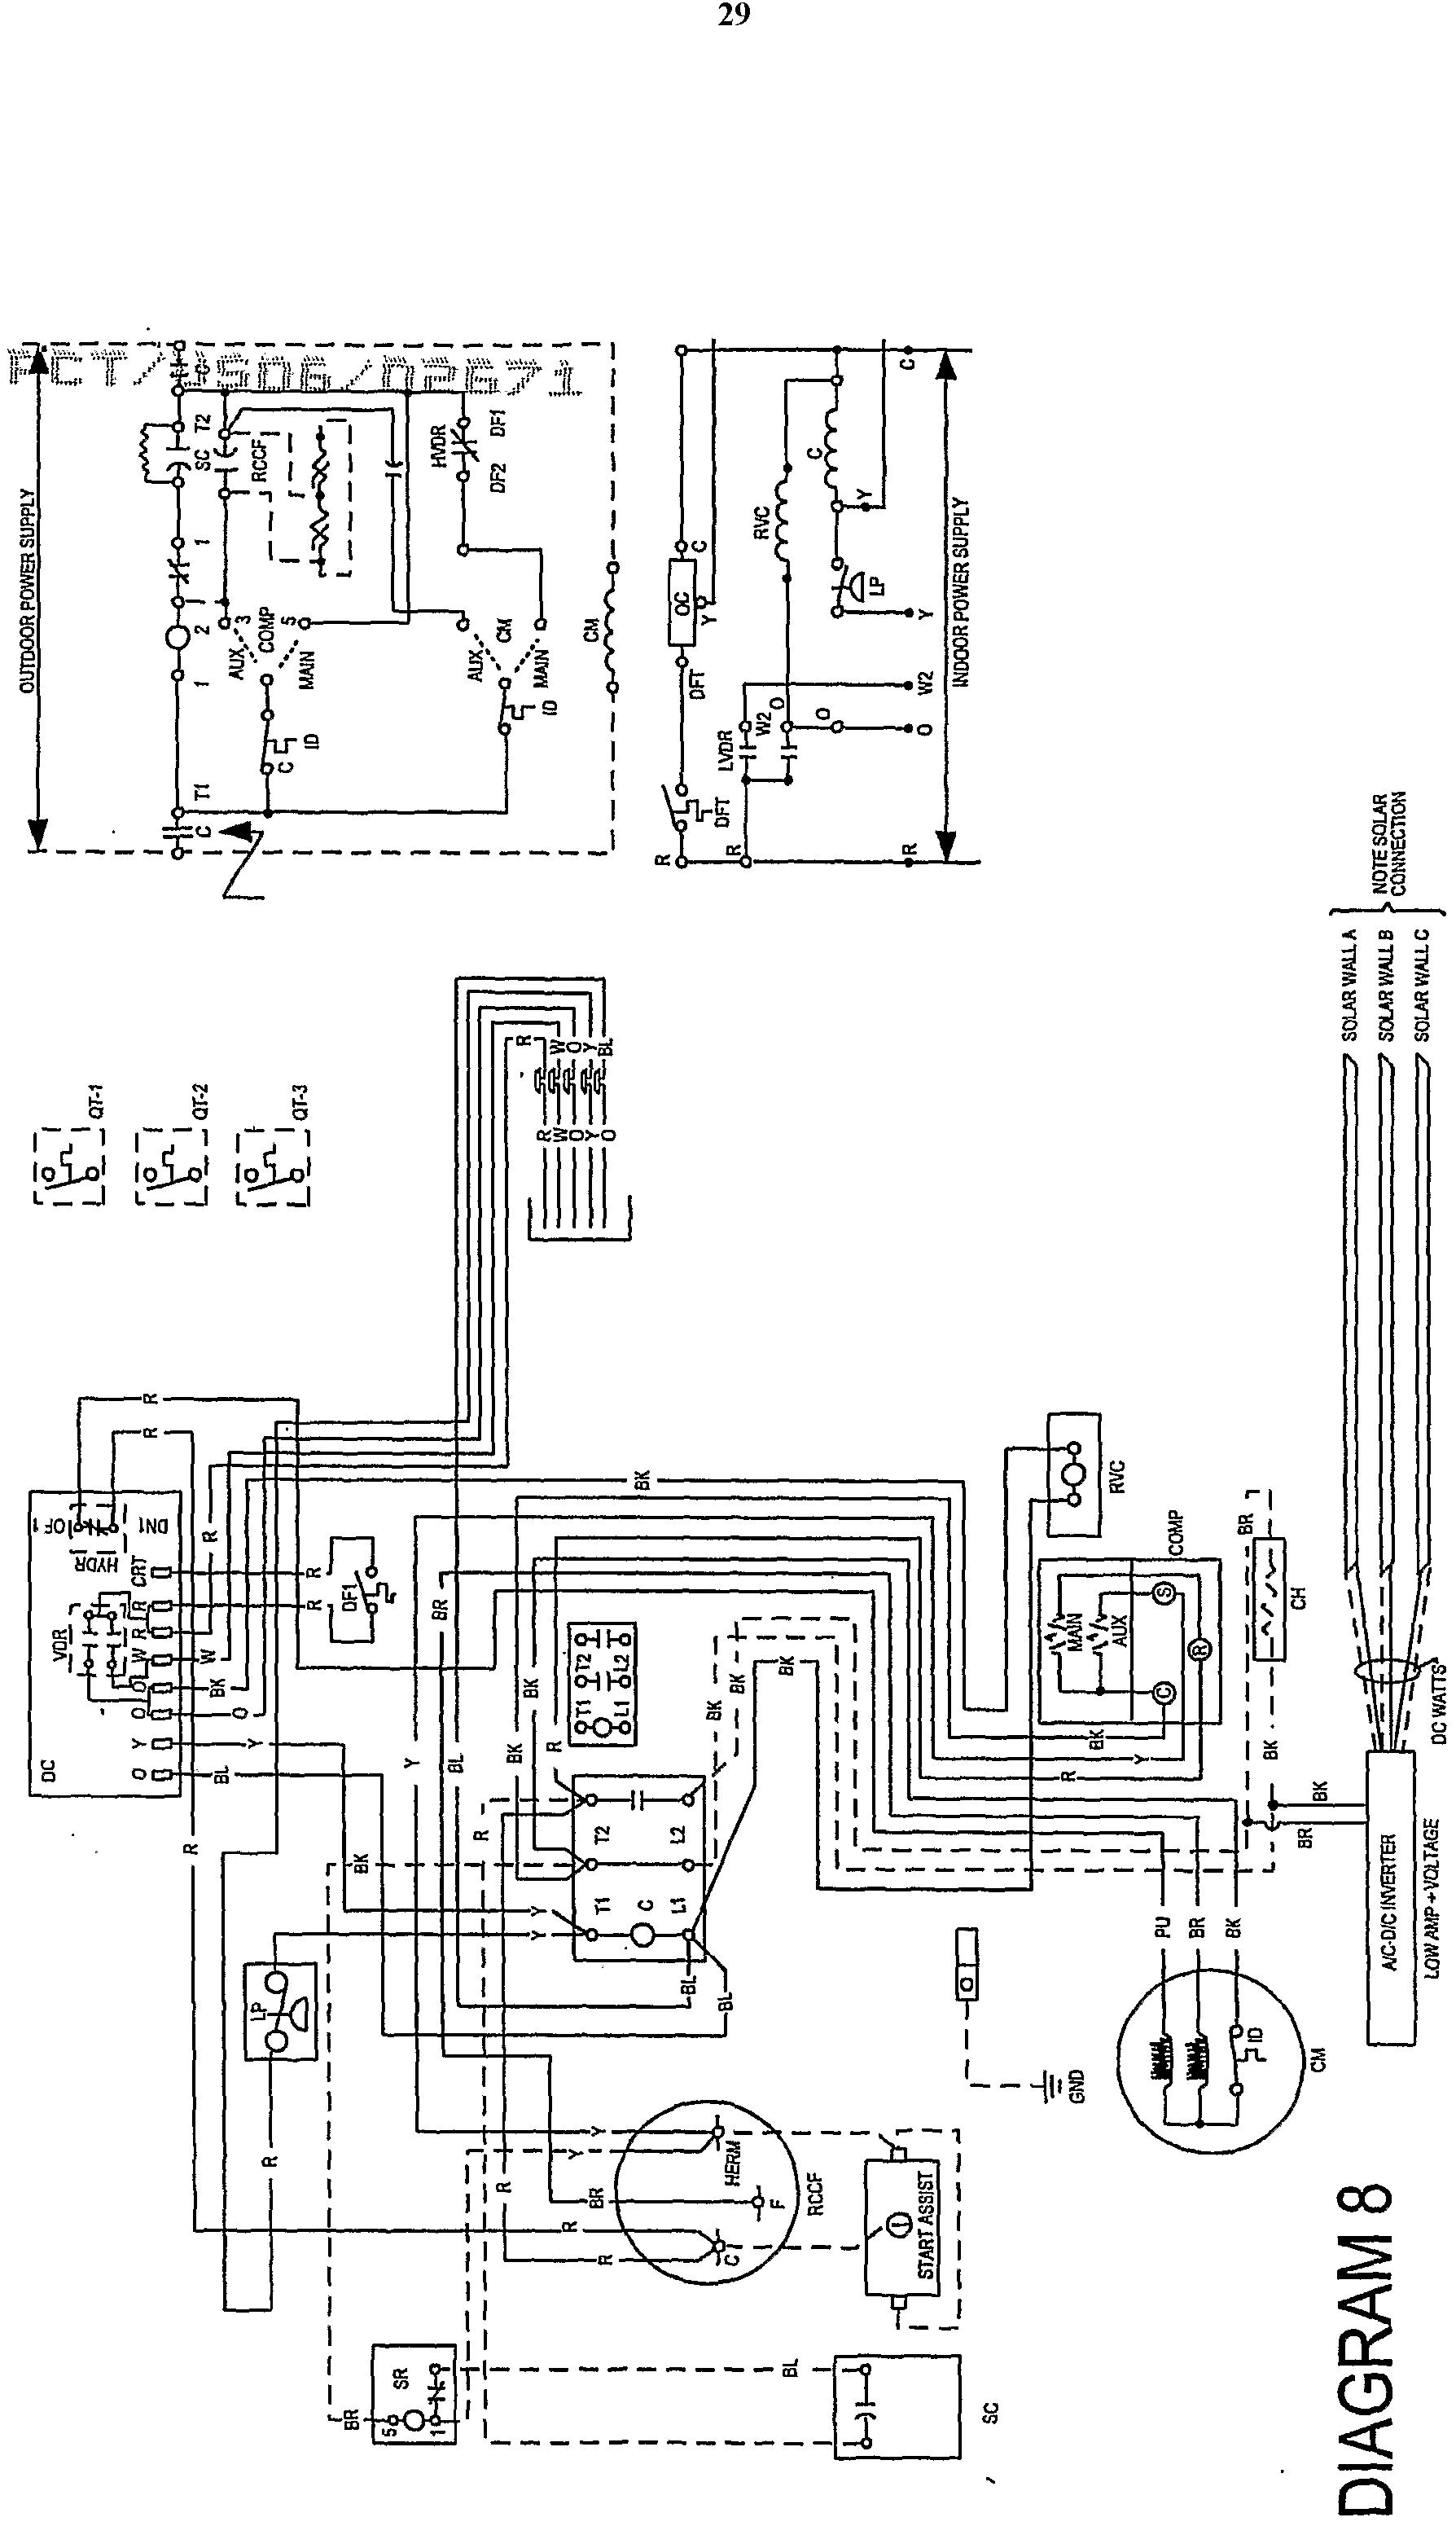 wo2006079116a2